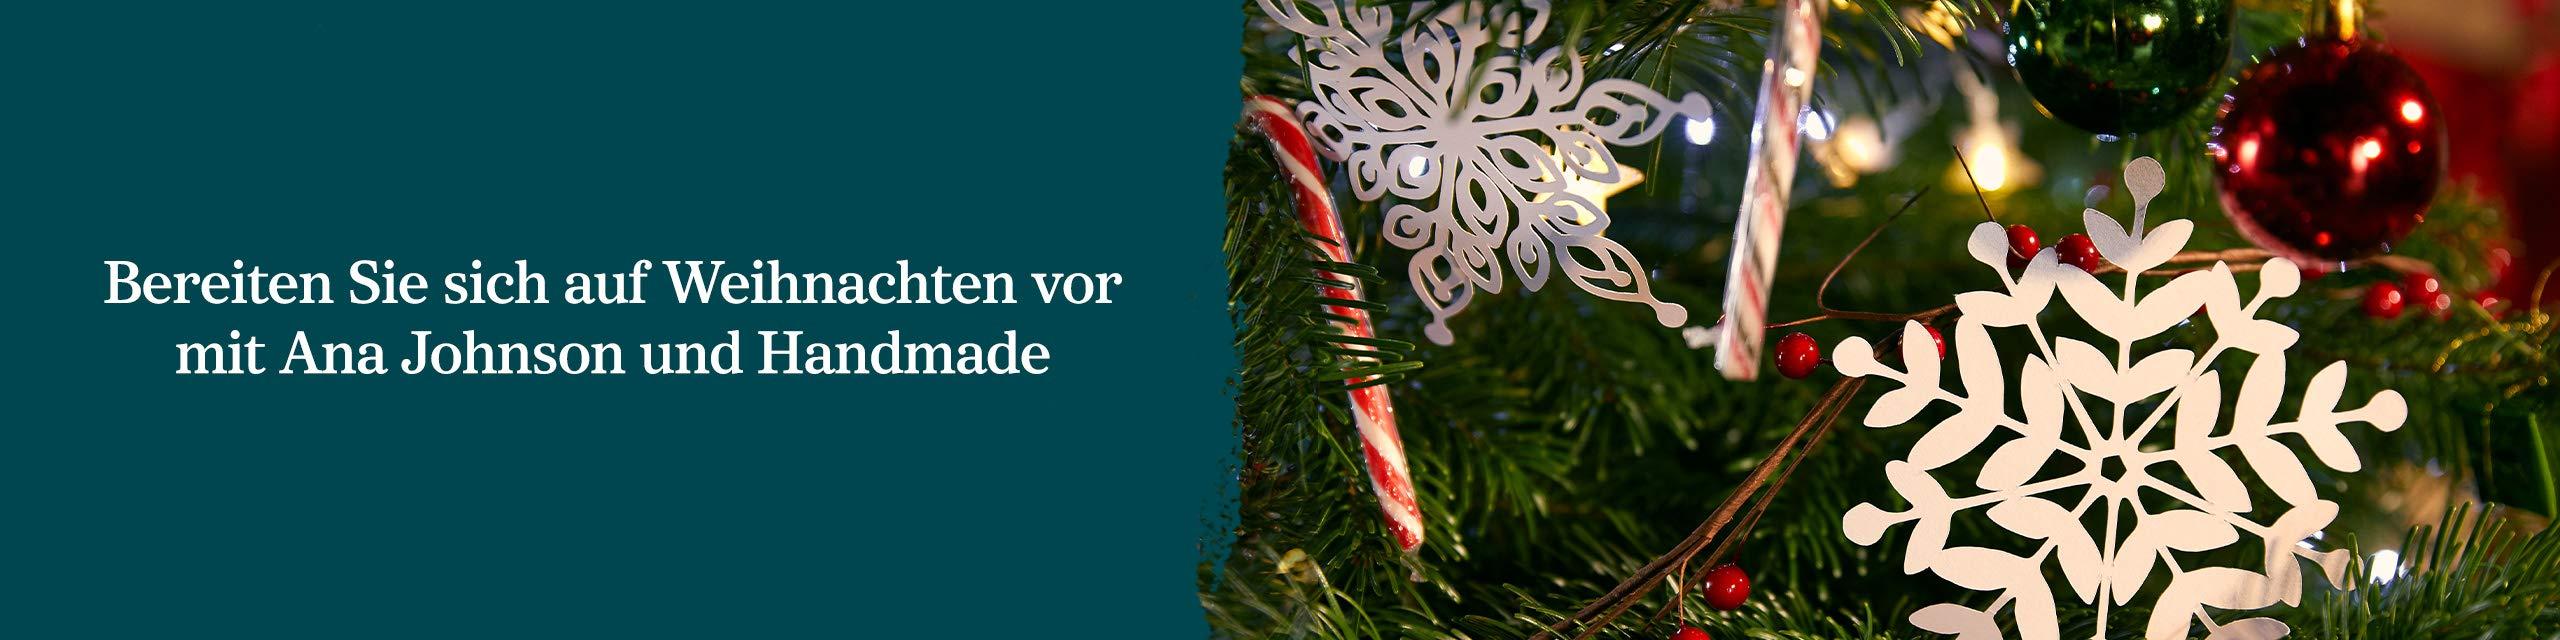 Weihnachten mit Ana Johnson und Handmade